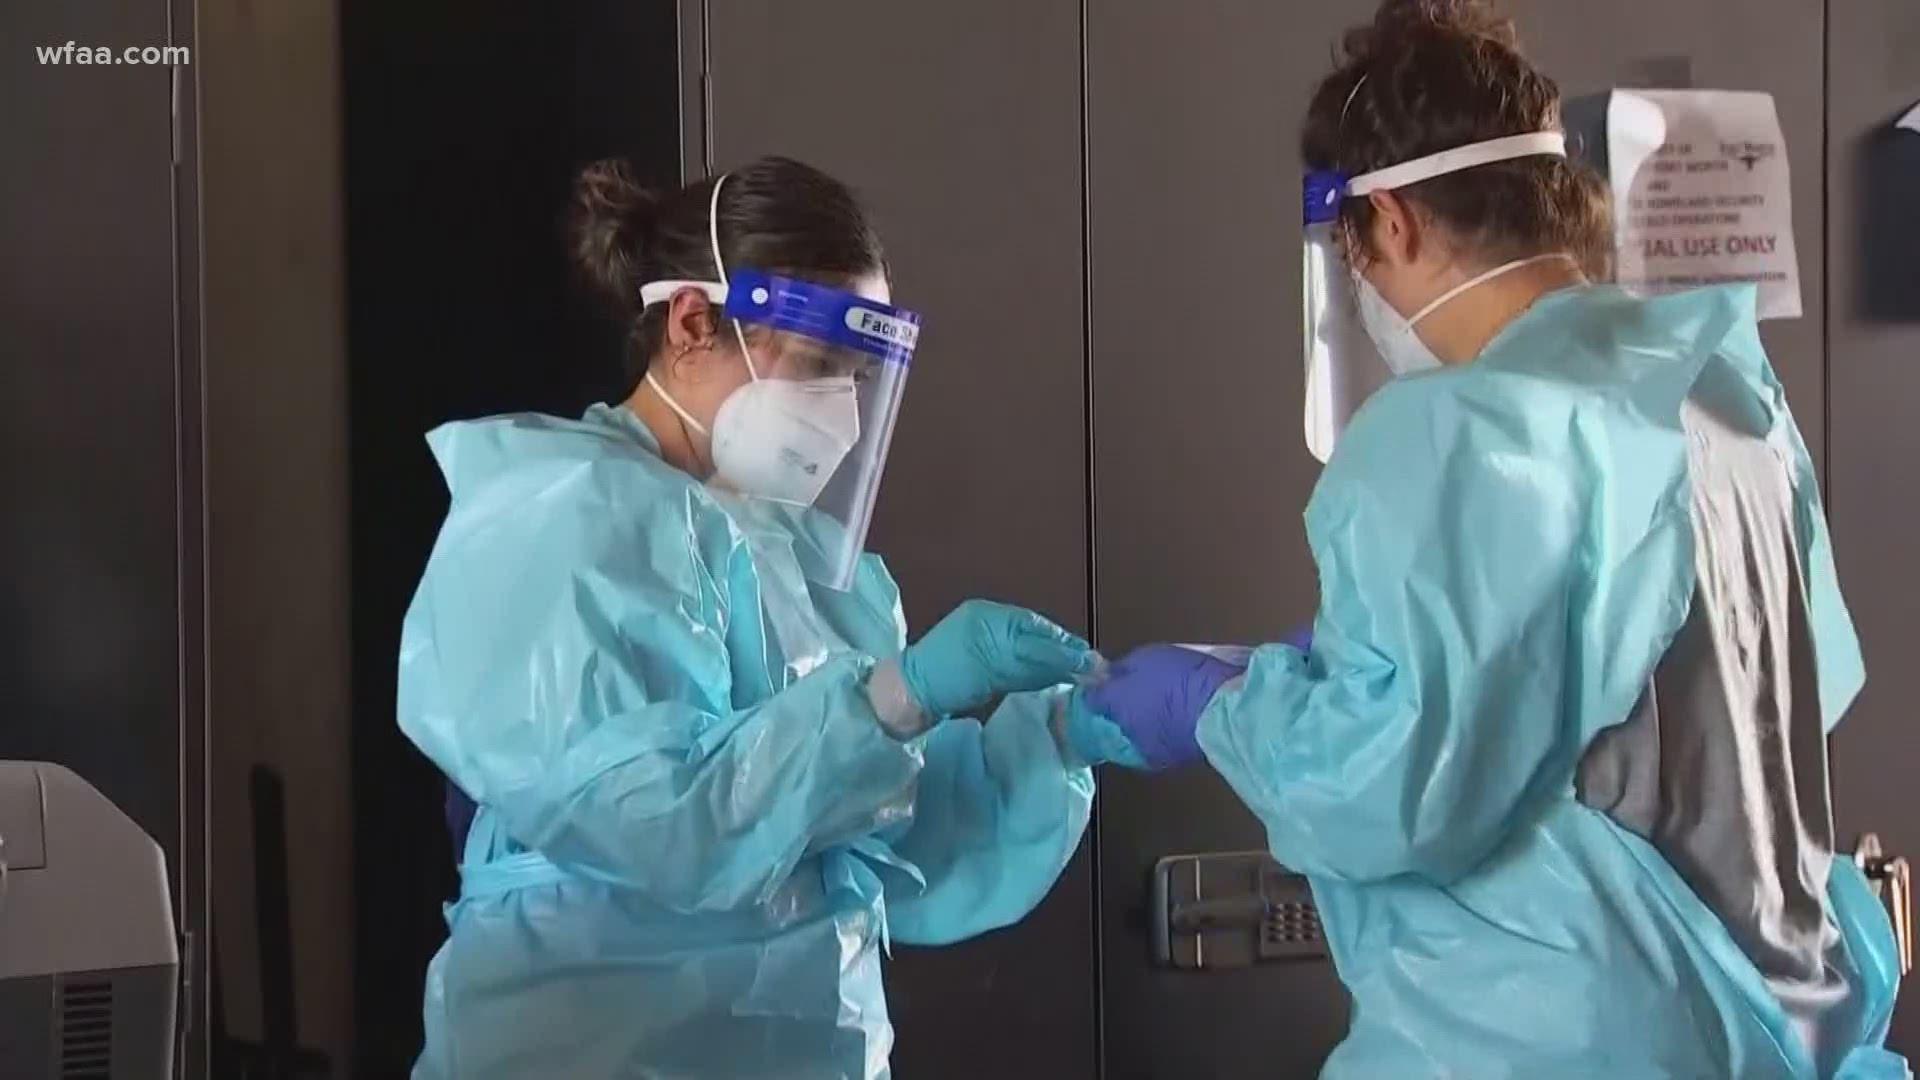 Deadly fungus Spreading in Dallas Hospitals